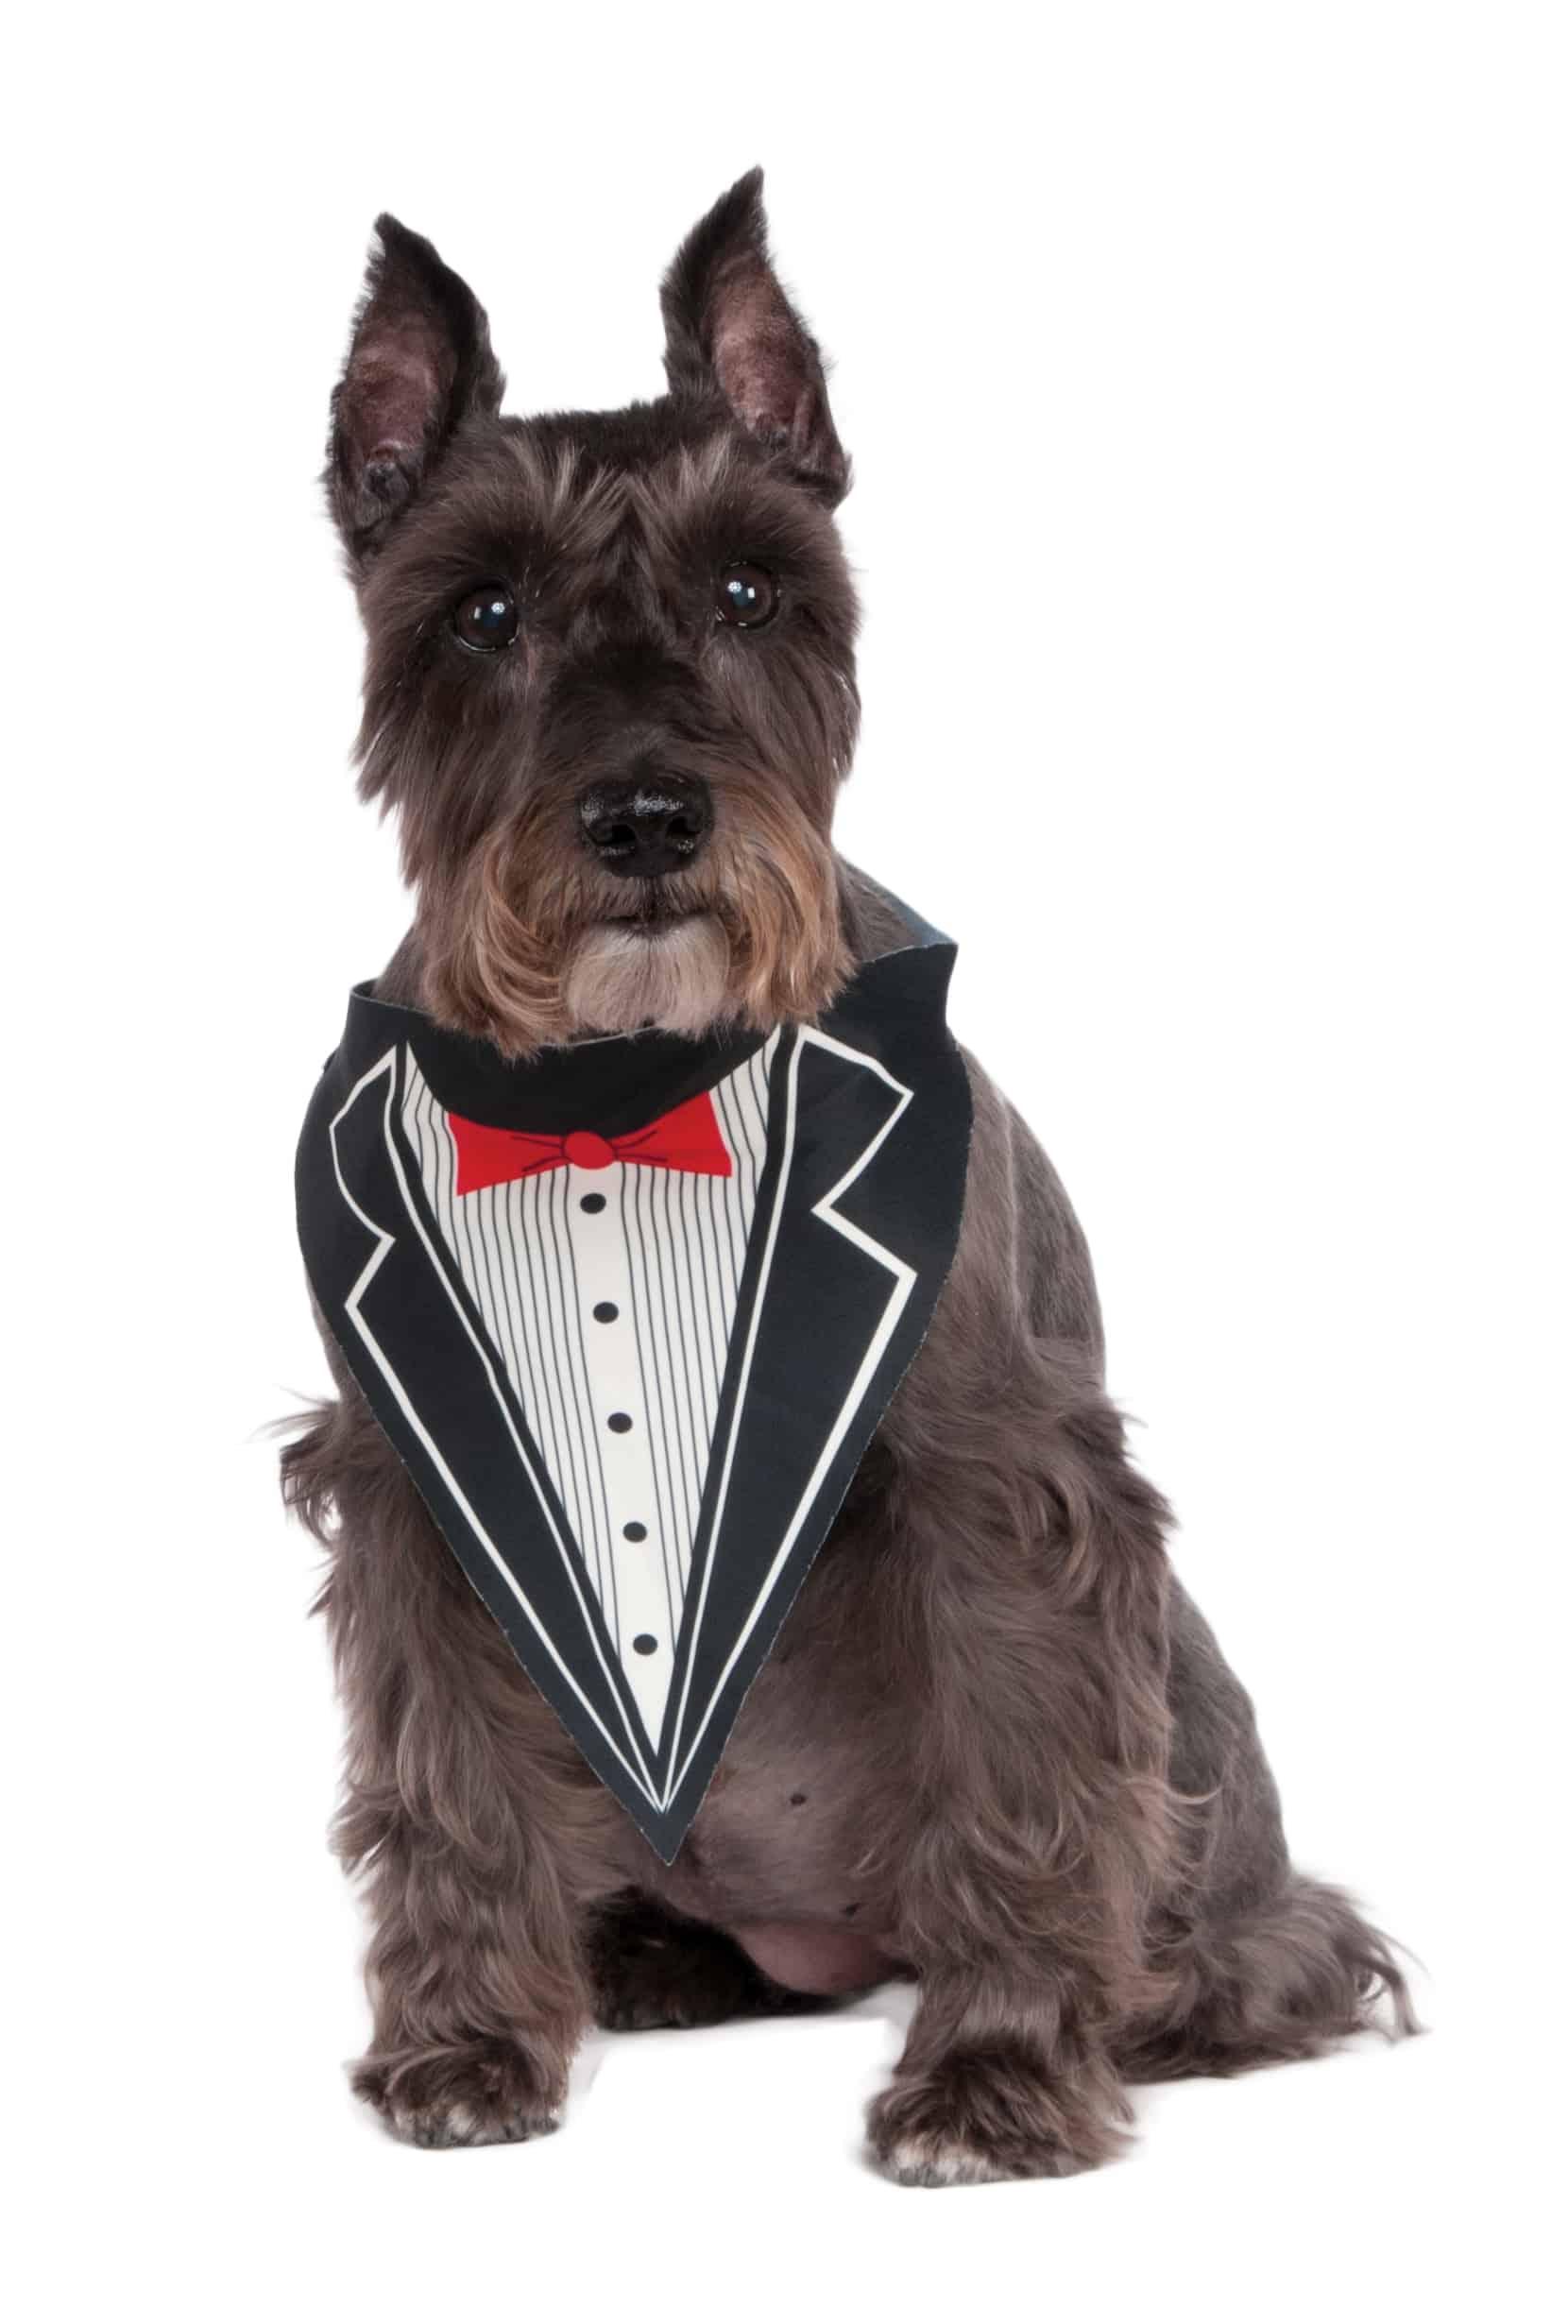 Tuxedo Dog Bandana Costume